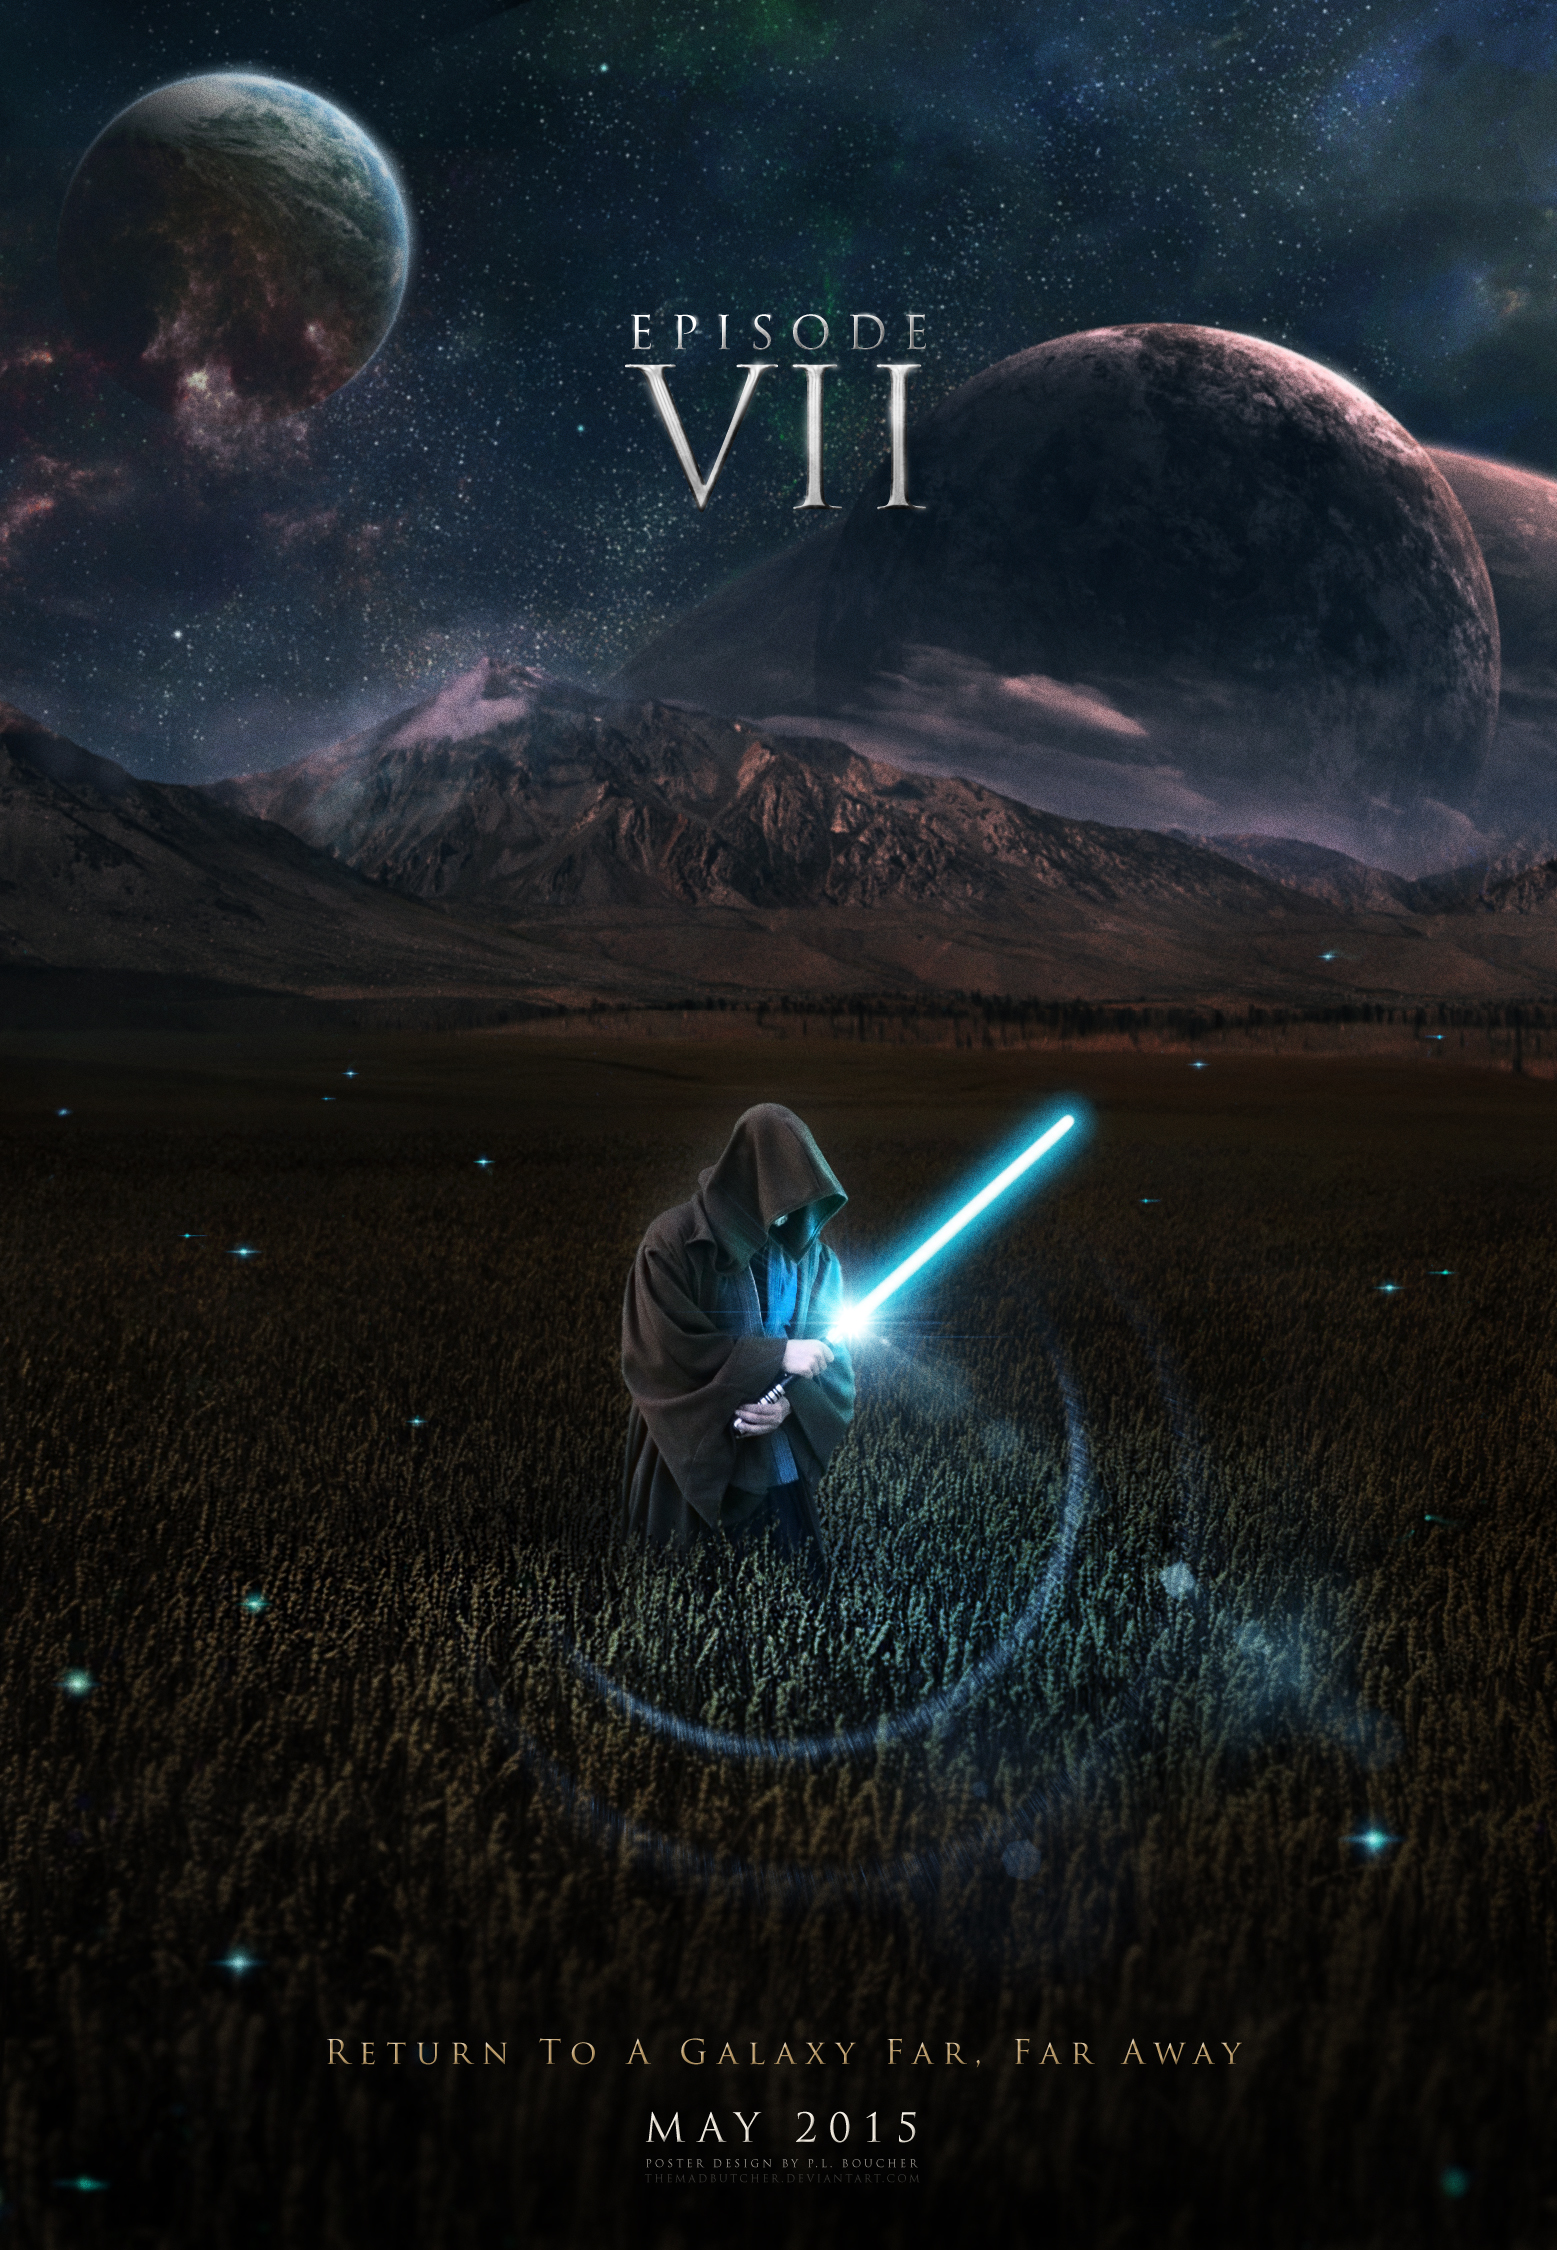 Star Wars Episode VII Teaser